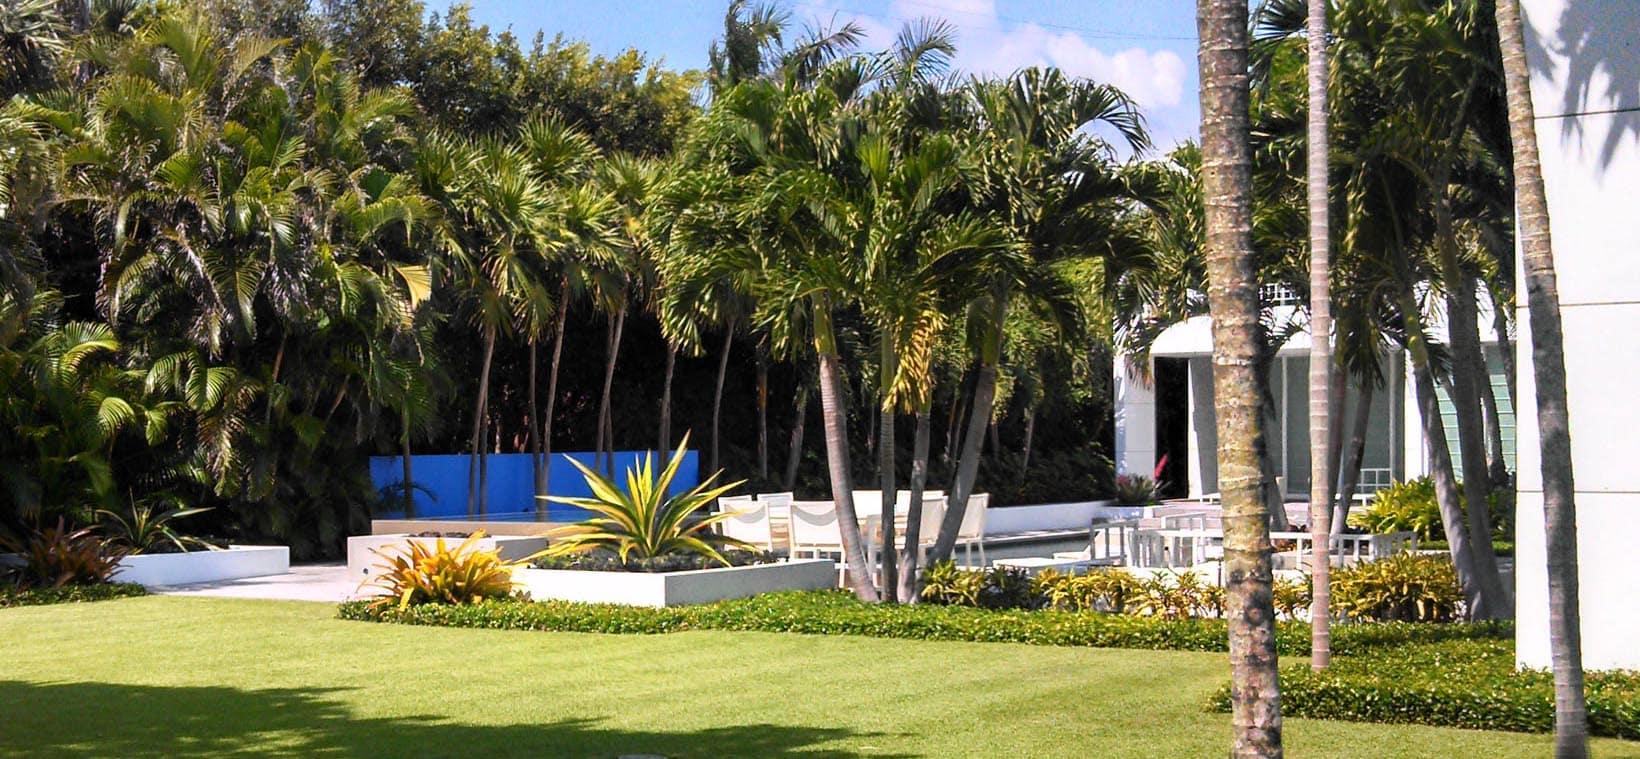 aiello-landscape_pool-landscaping